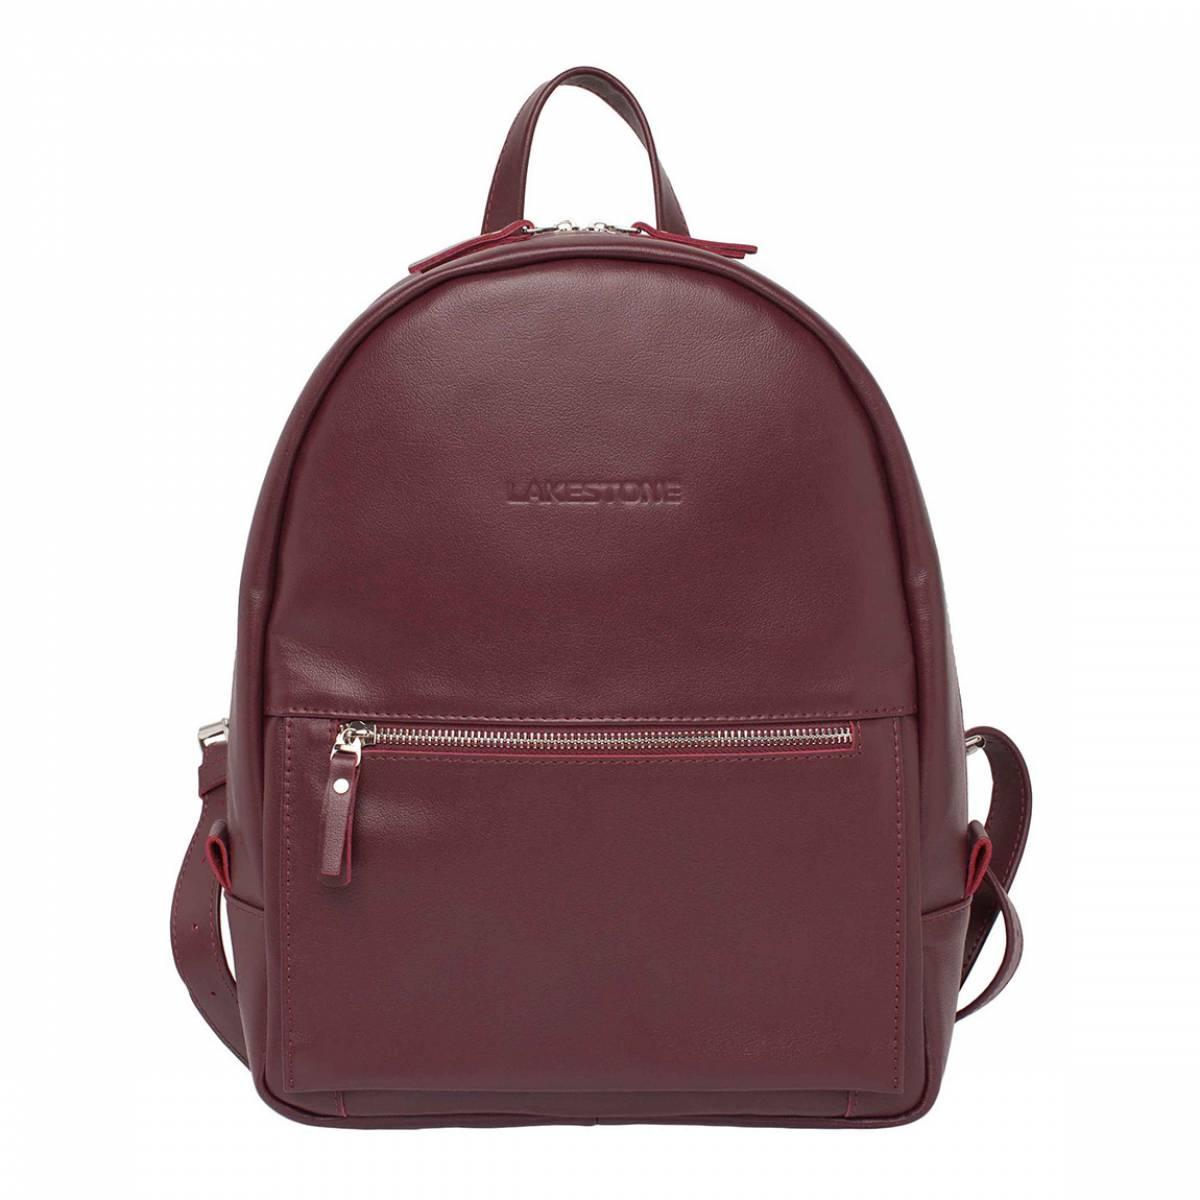 Женский рюкзак Caroline Burgundy фото